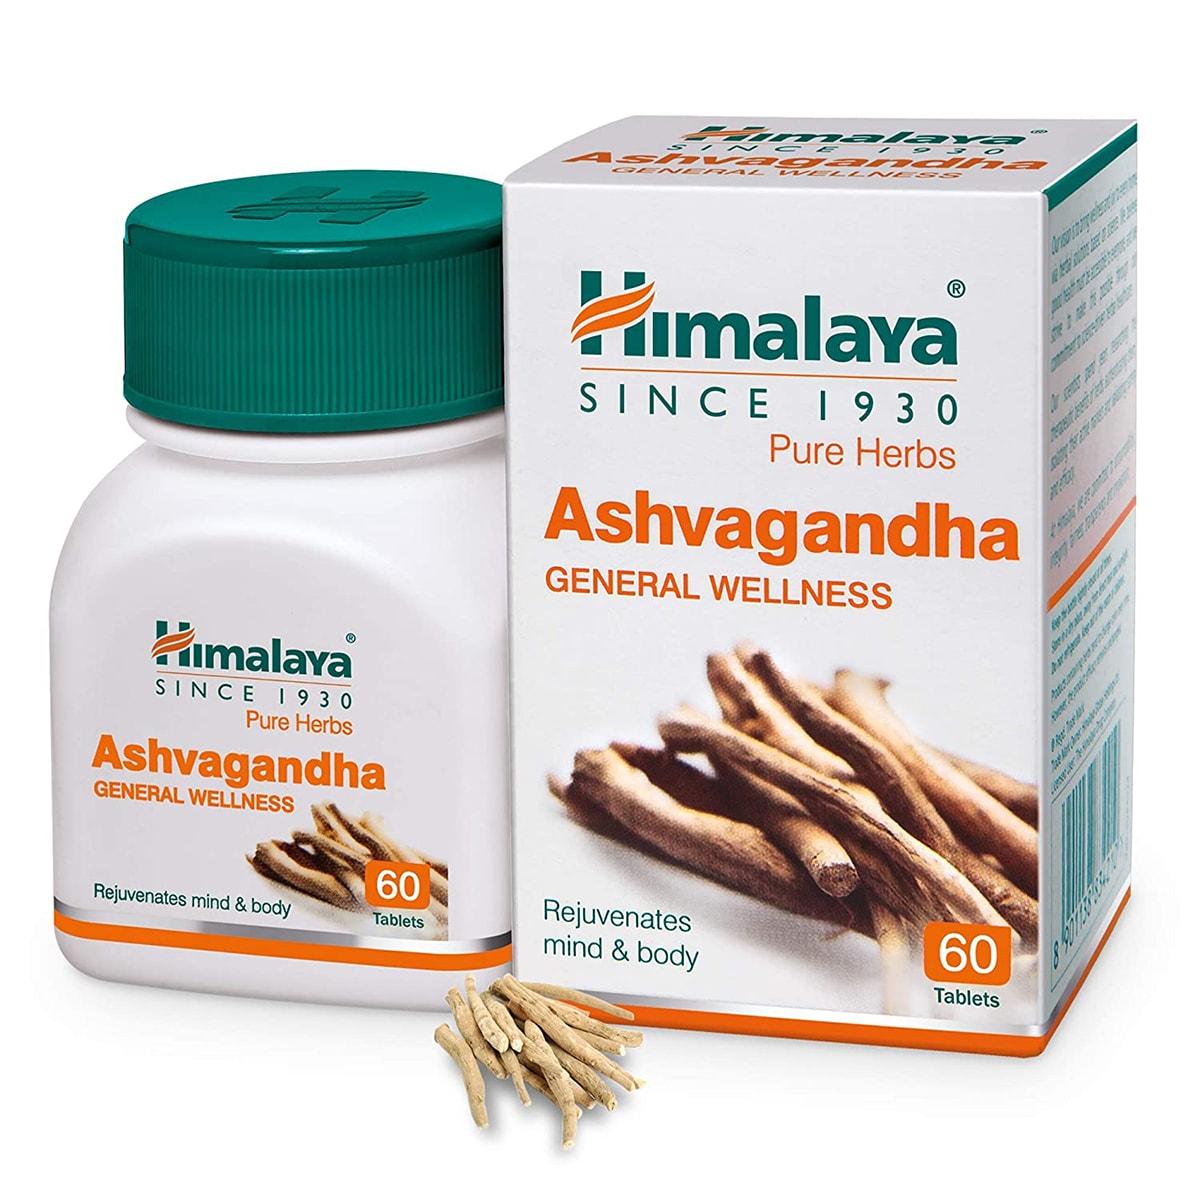 Buy Himalaya Herbals Ashvagandha - 60 Tablets